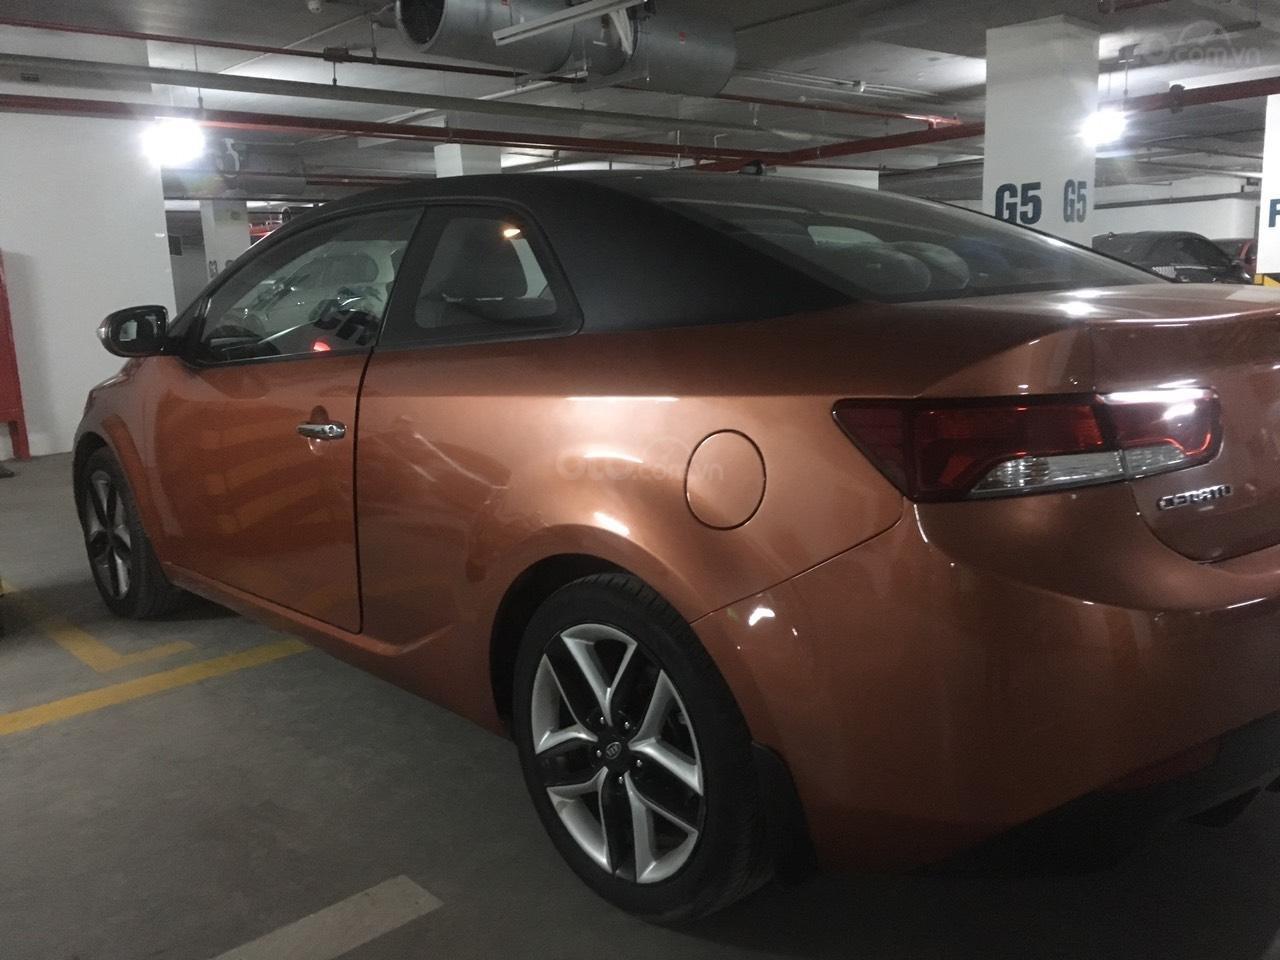 Bán rẻ xe Kia Cerato Koup 2.0, 5 chỗ, 2 cửa, màu cam, nhập khẩu-0